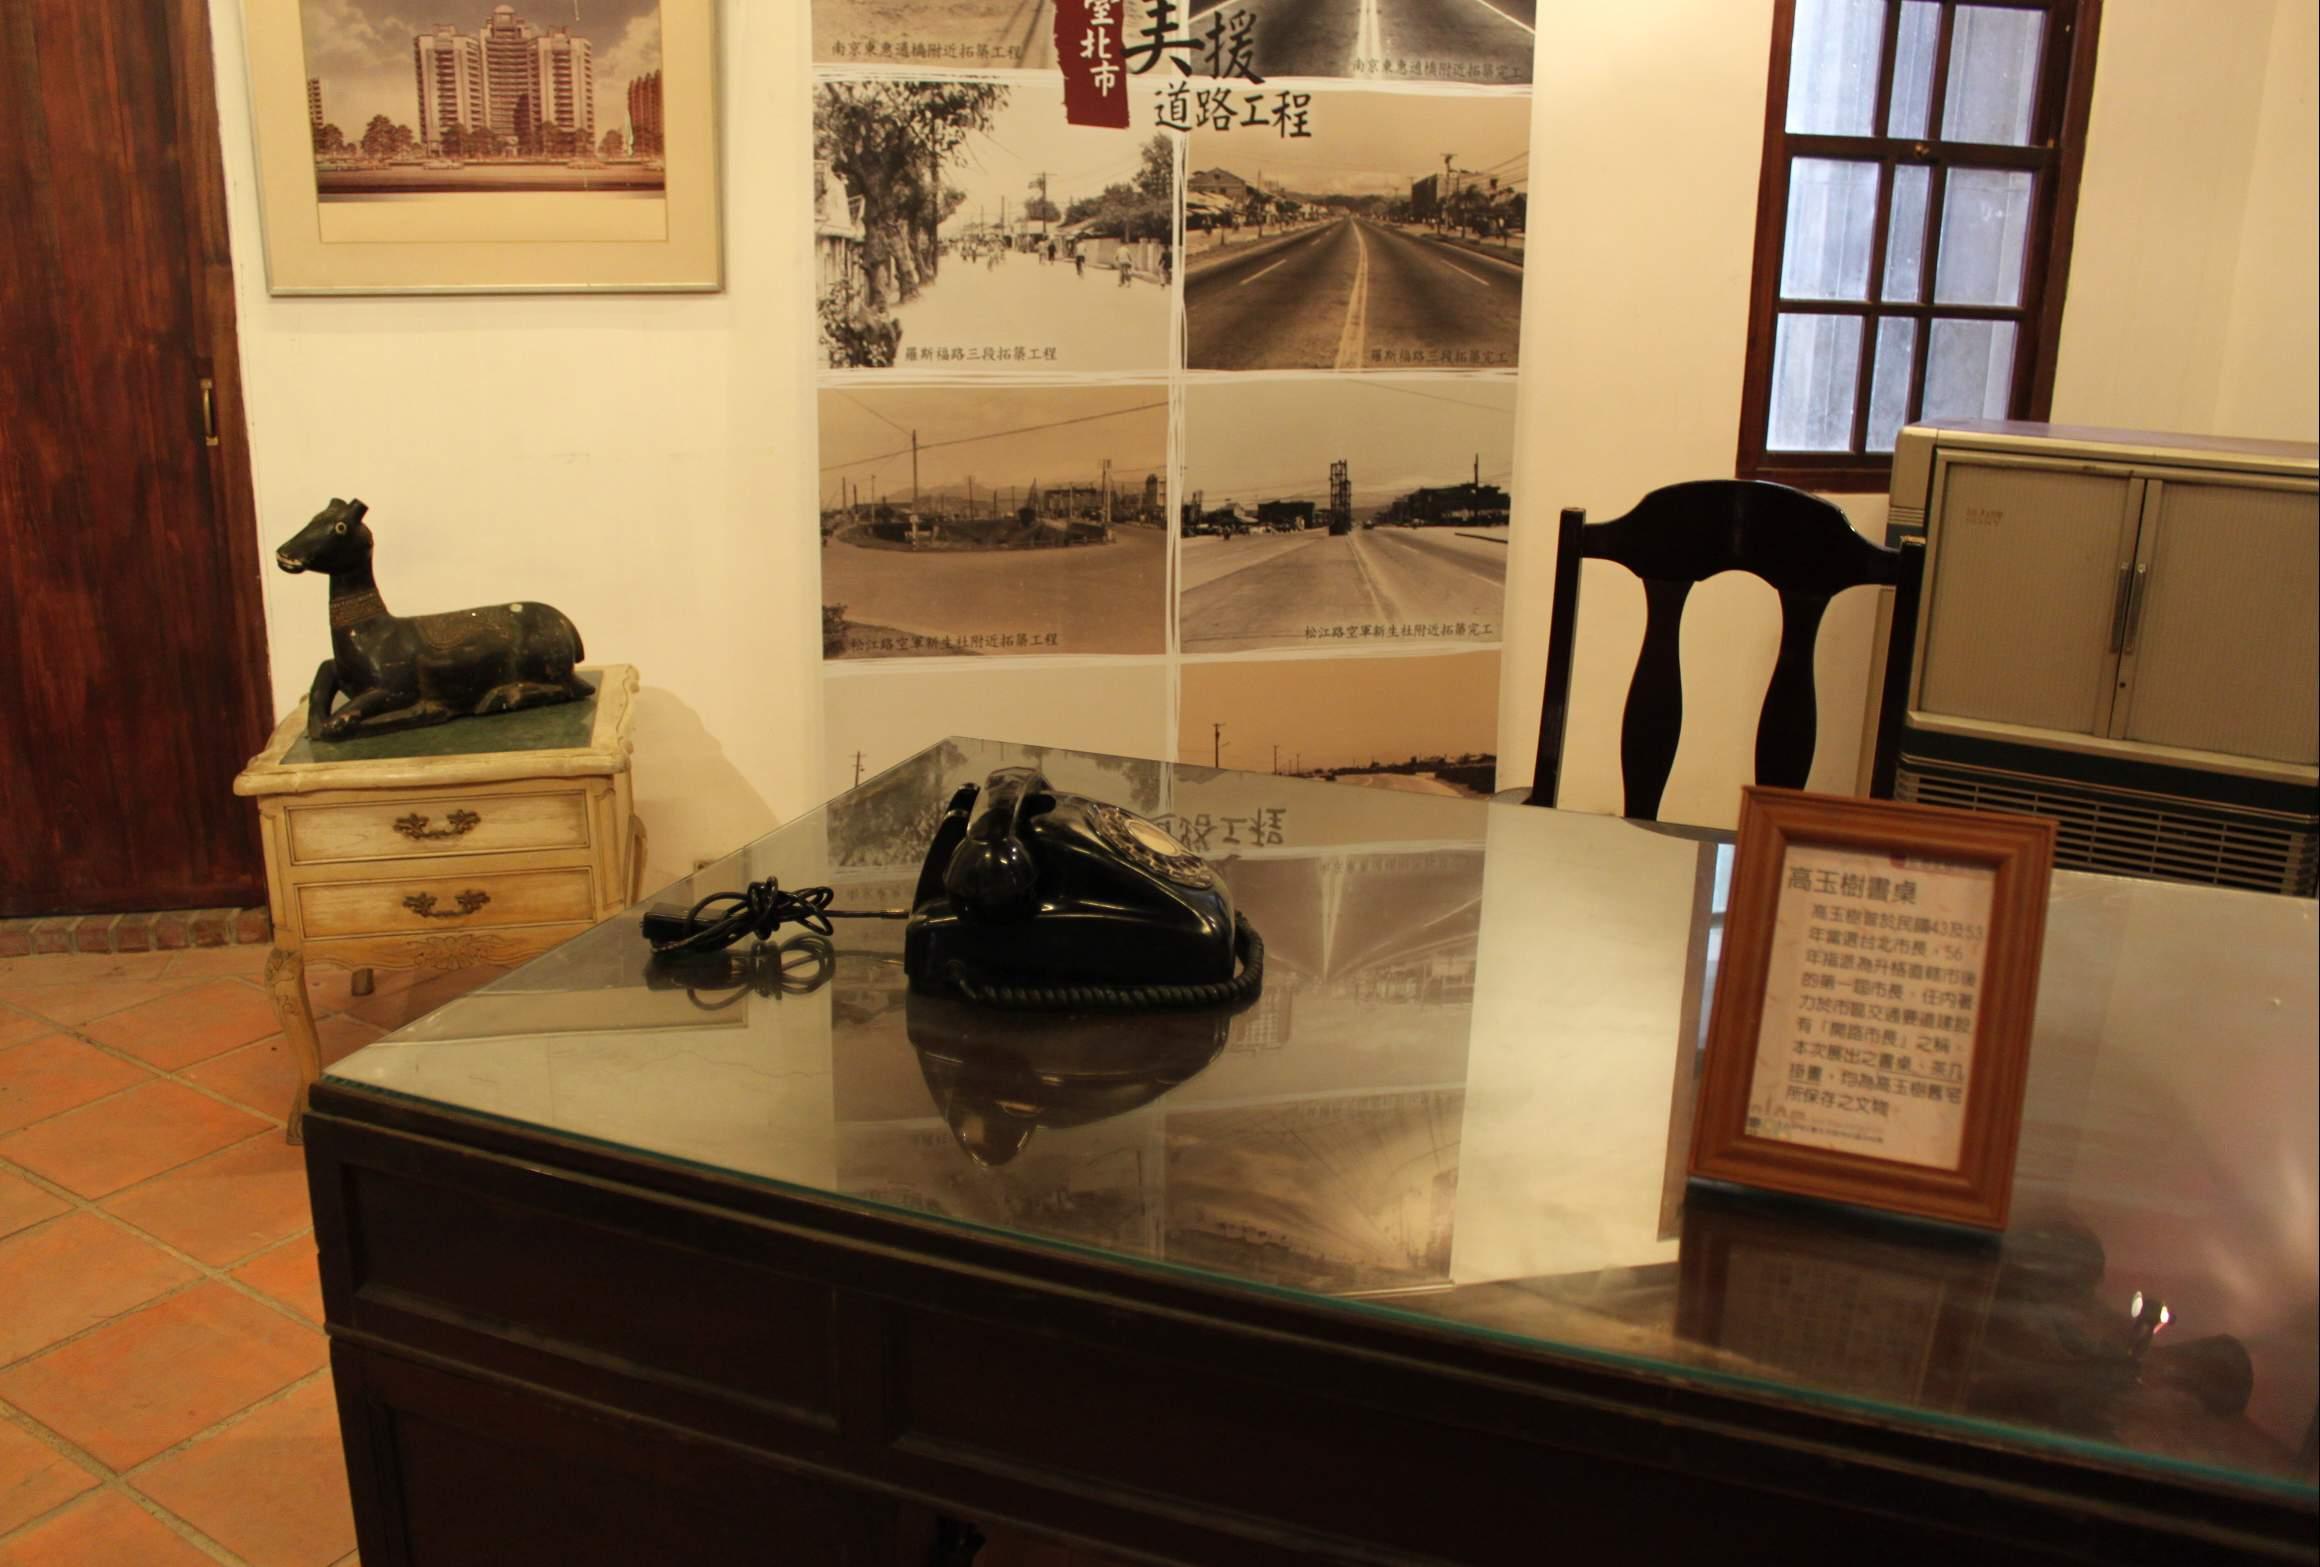 圖表:「我與臺北城市的記憶」展間